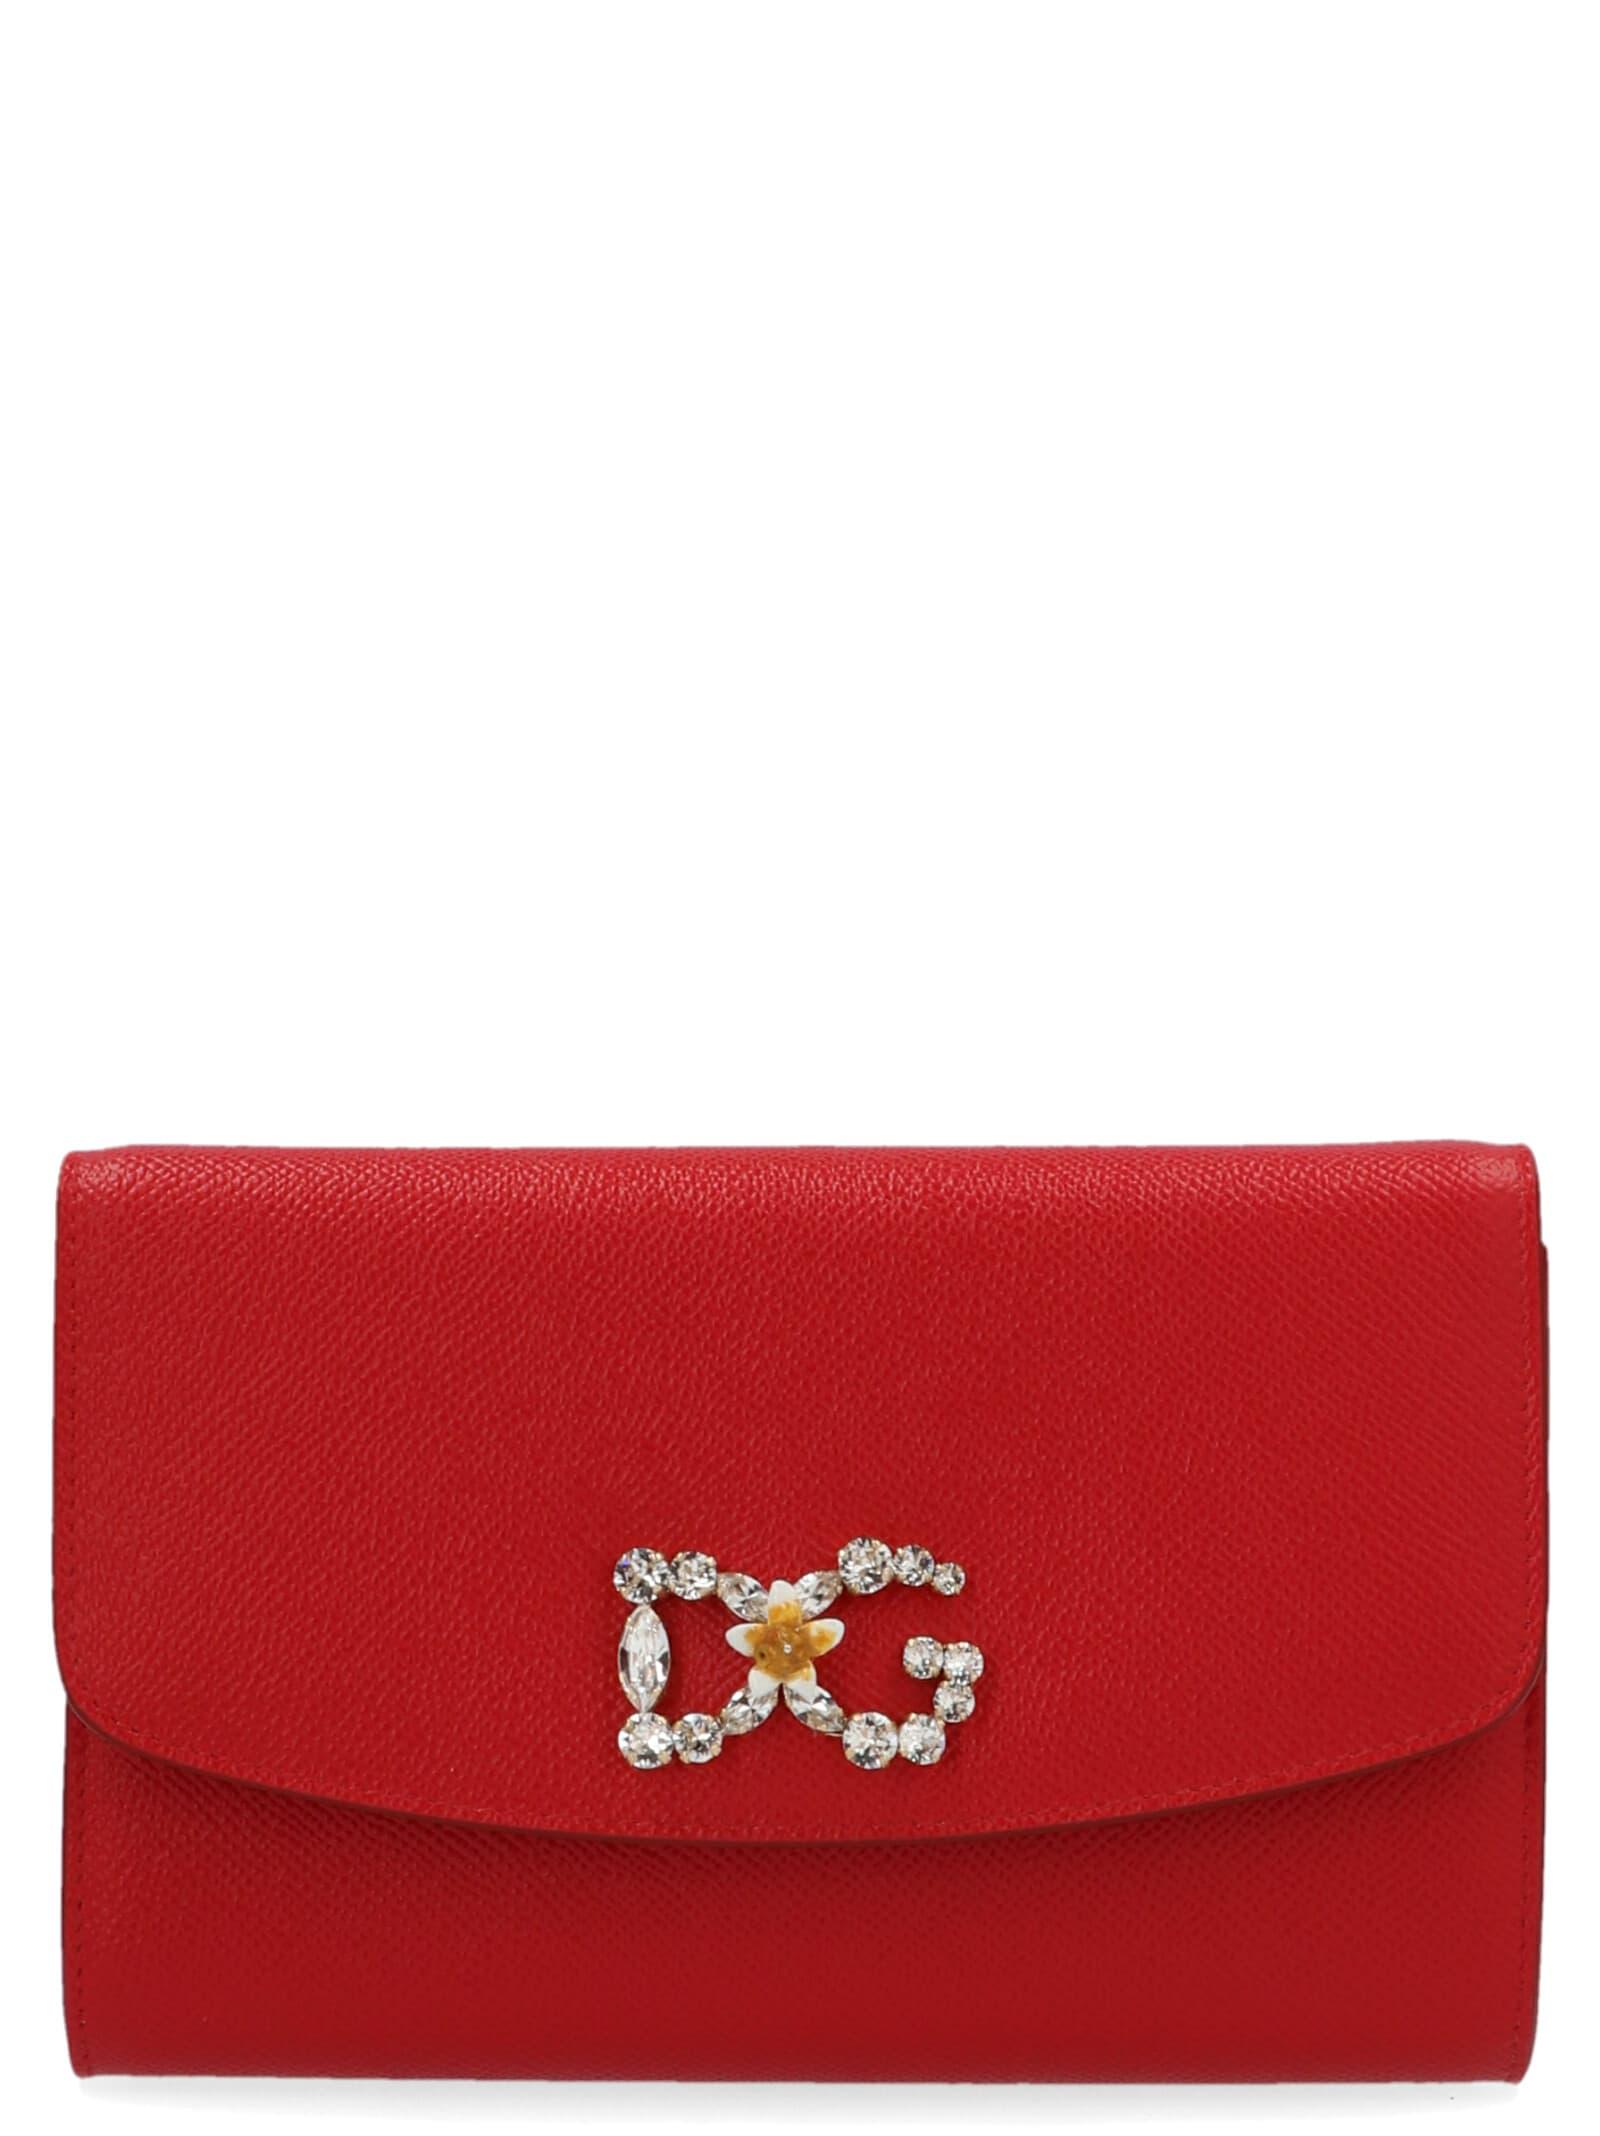 Dolce & Gabbana dg Strass Mini Bag